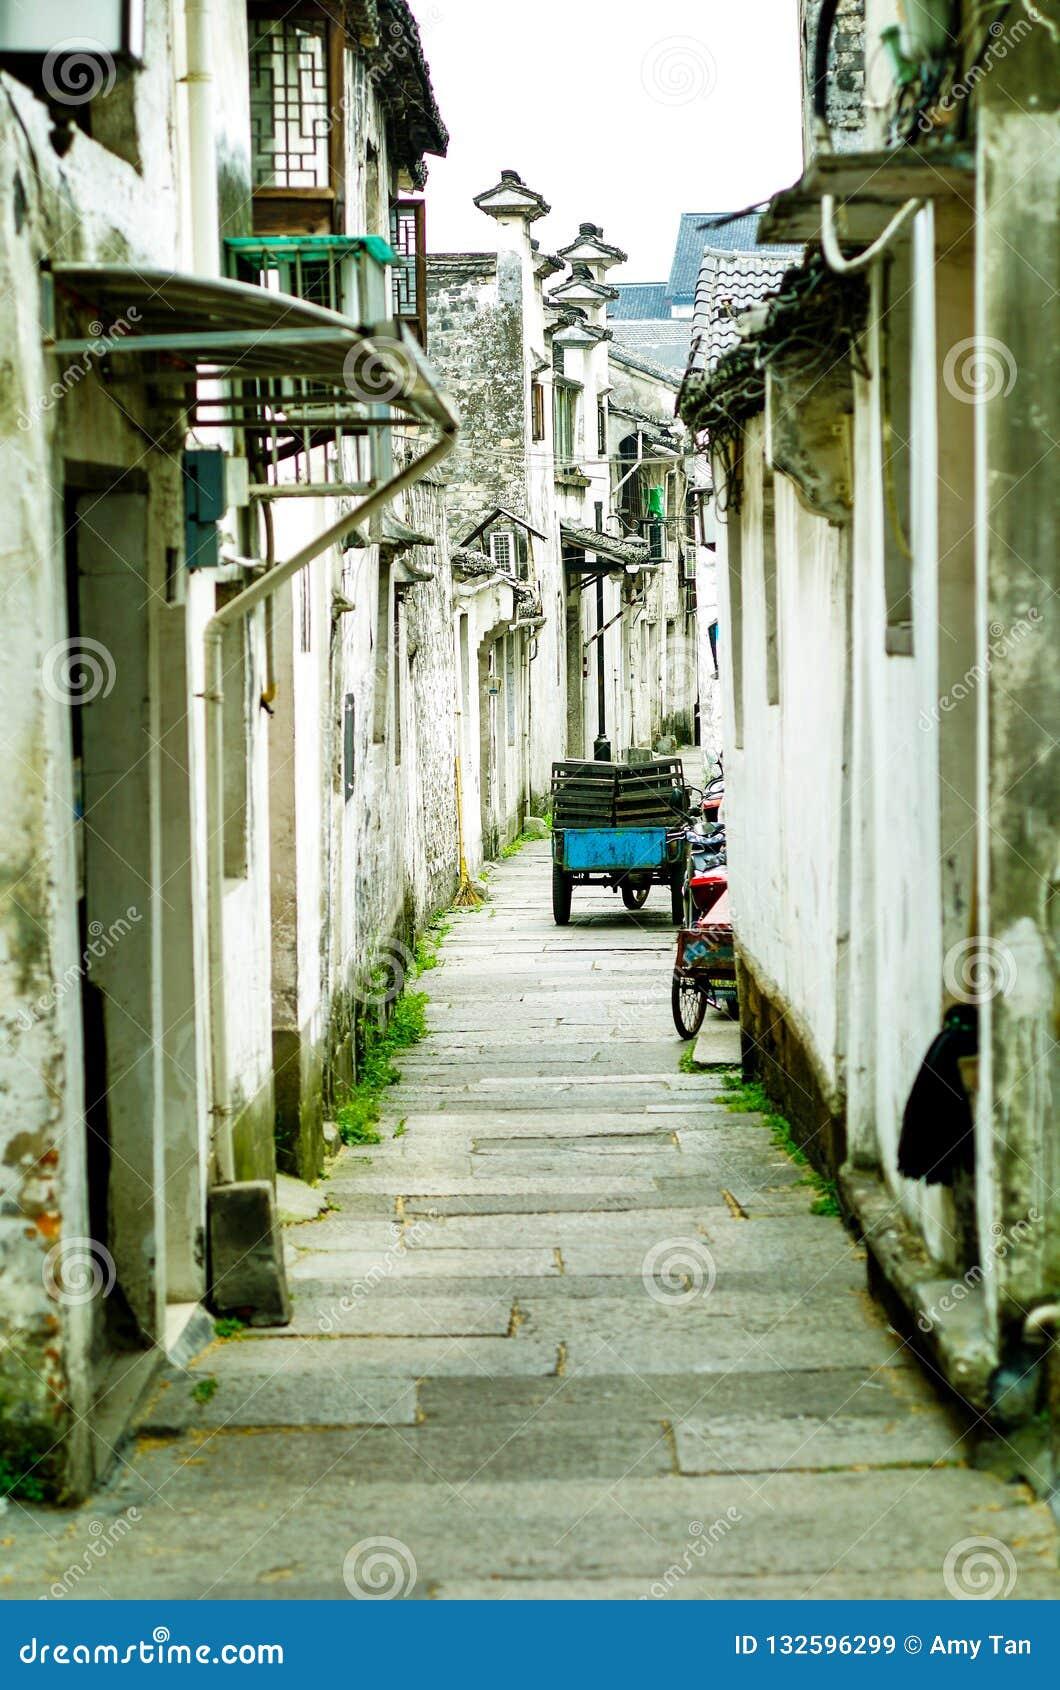 Oude gebouwen, straten en stegen in Shaoxing, China